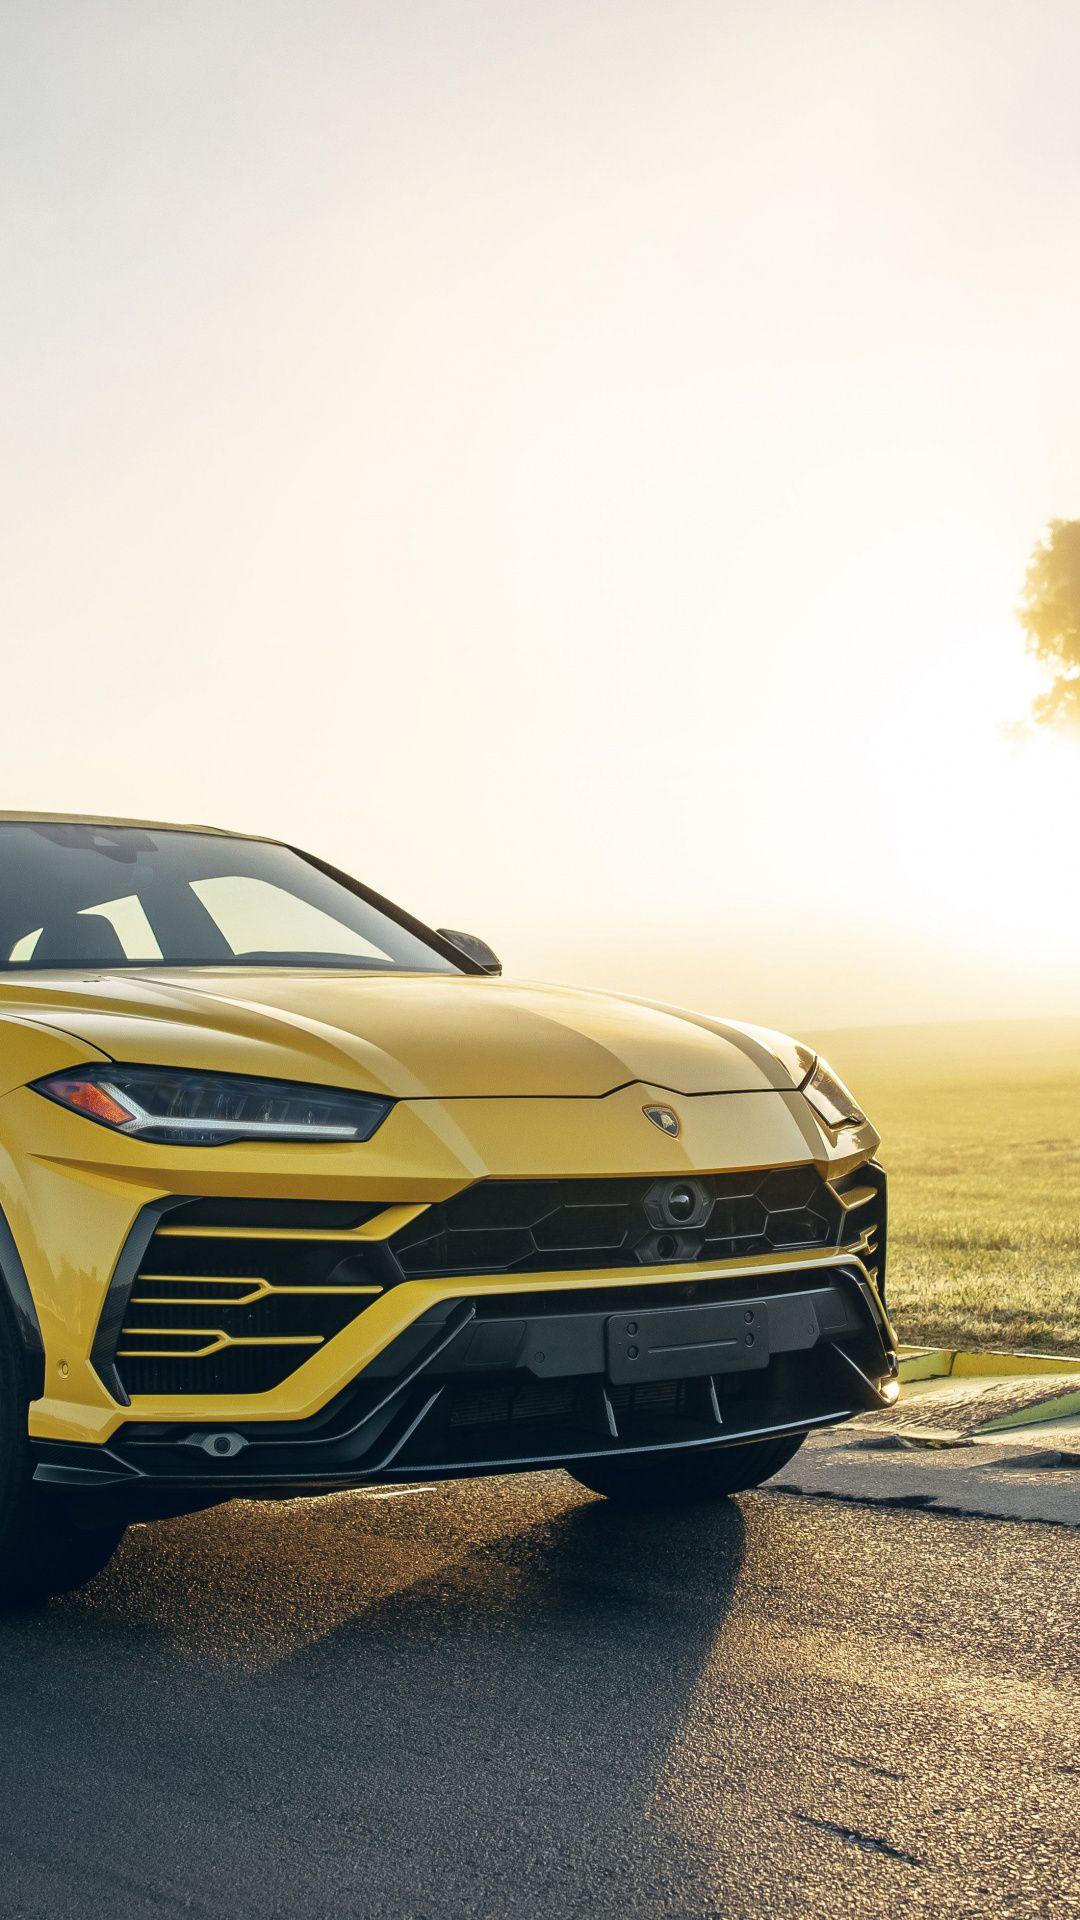 1080x1920 Car Yellow Suv Lamborghini Urus Compact Car Wallpaper In 2020 Lamborghini Car Wallpapers Sports Car Wallpaper